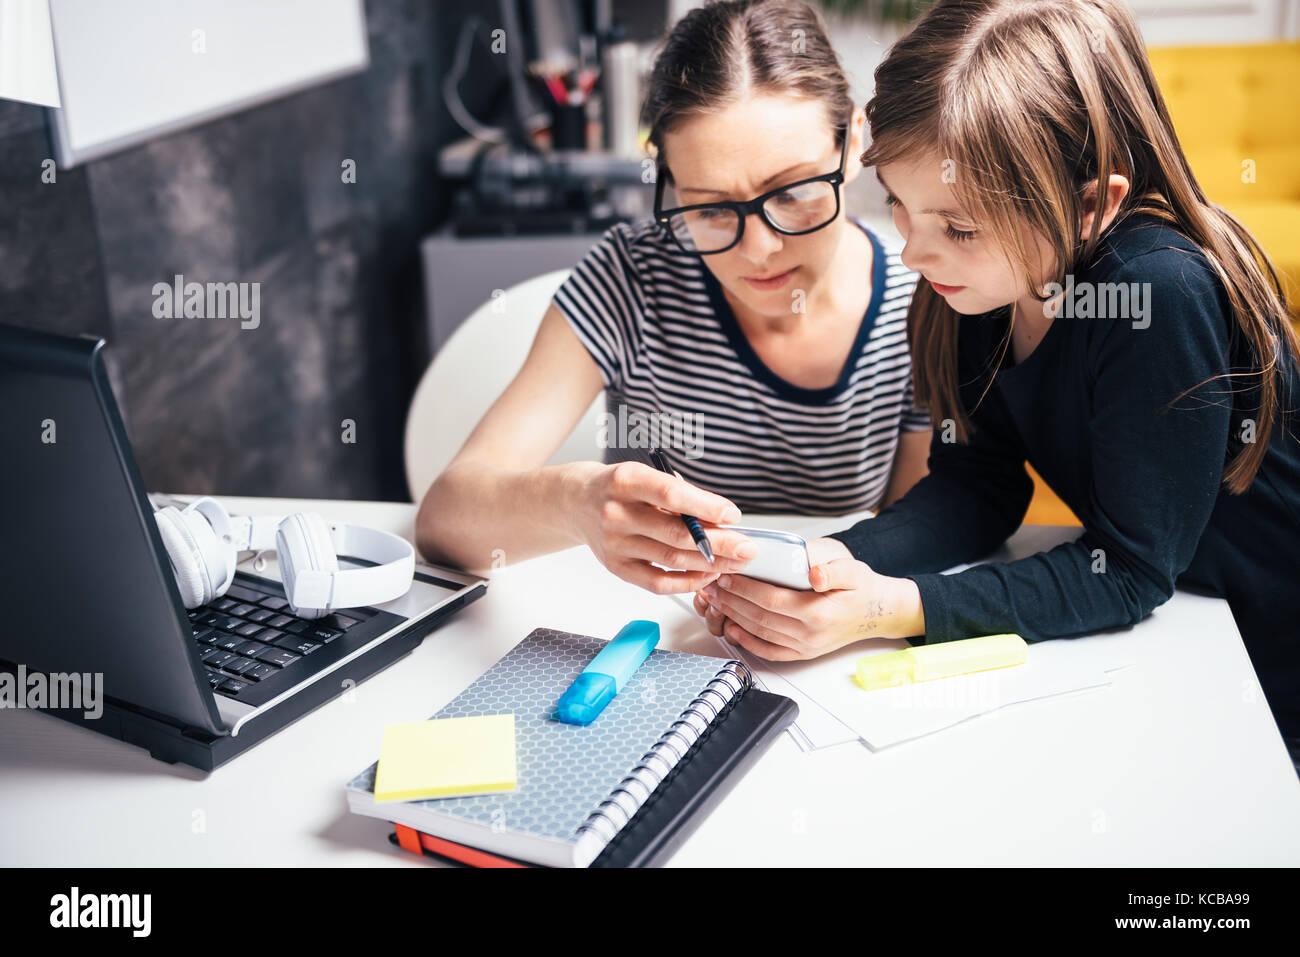 Madre e hija utilizando el teléfono inteligente en la oficina principal Imagen De Stock